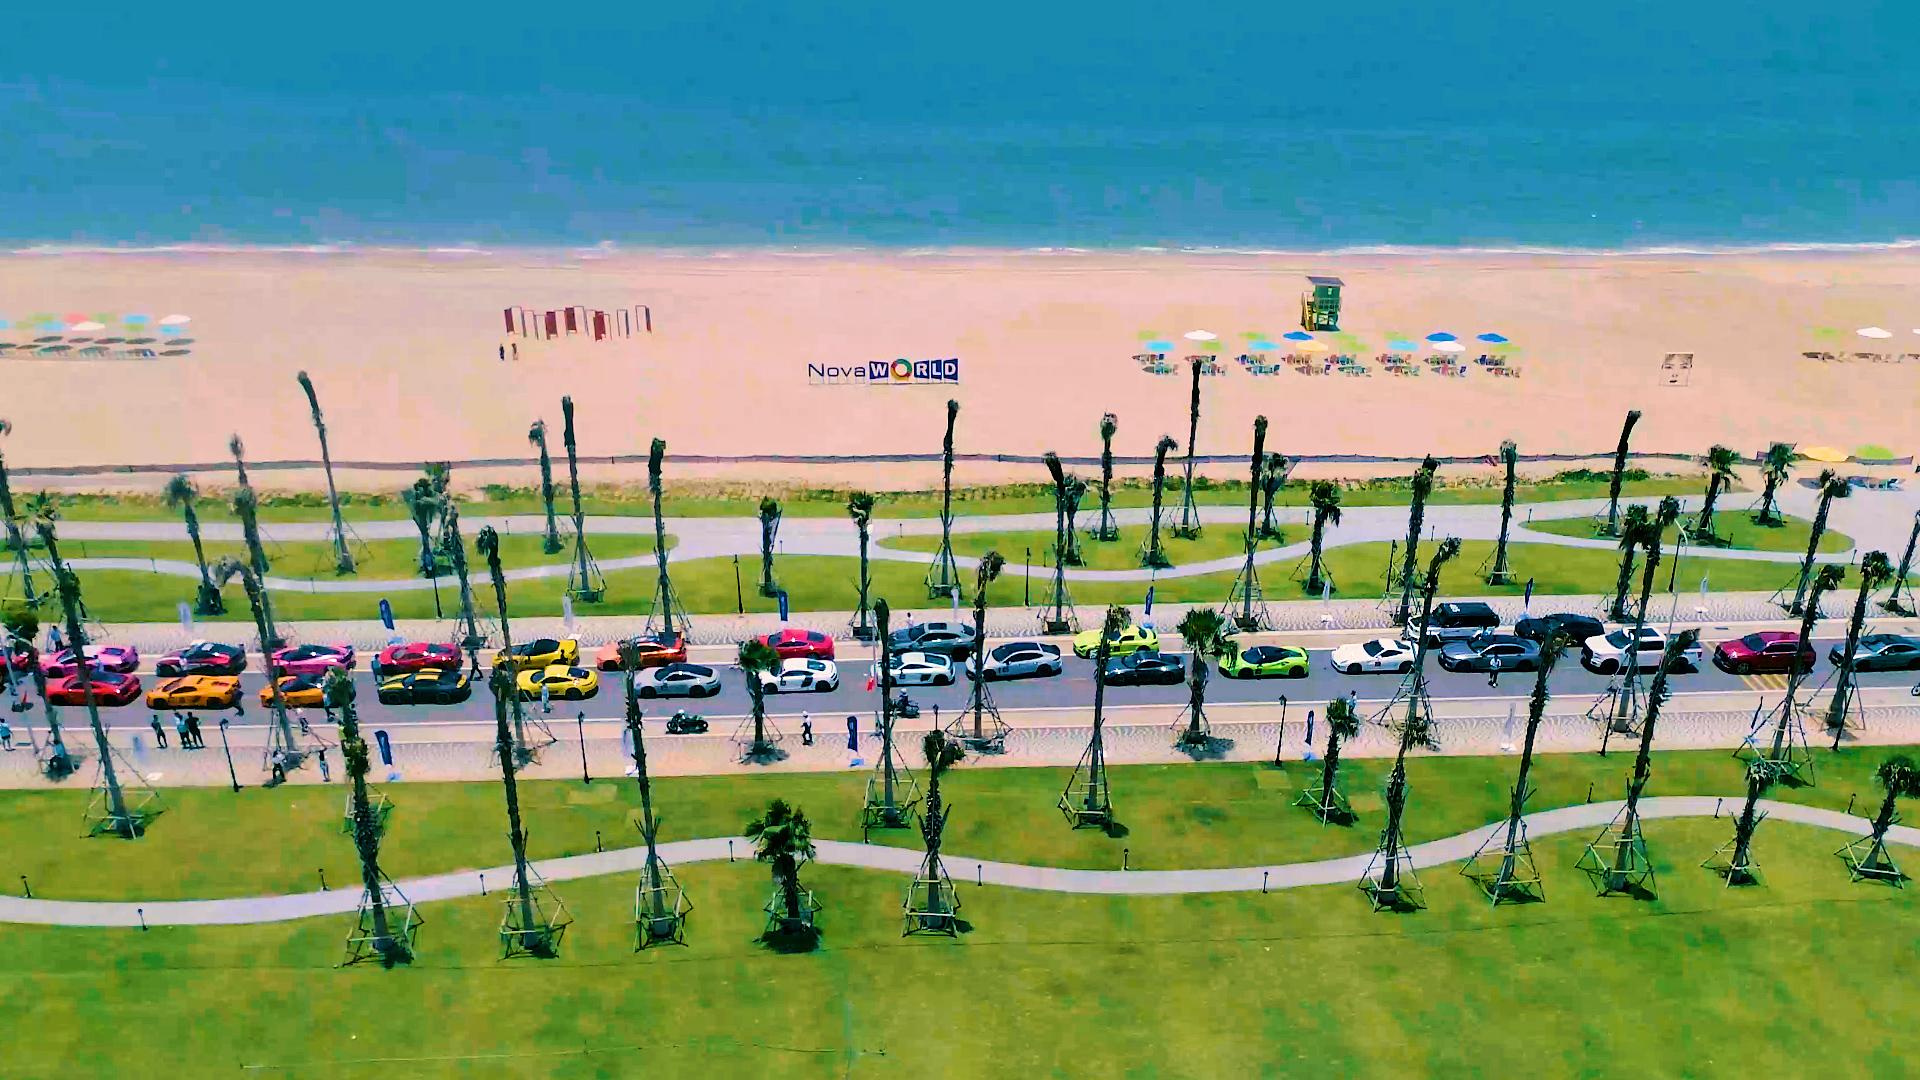 Công viên biển Bikini Beach 16 ha tại NovaWorld Phan Thiet là một trong những tiện ích mà Lý Hoàng Nam rất háo hức được trải nghiệm.